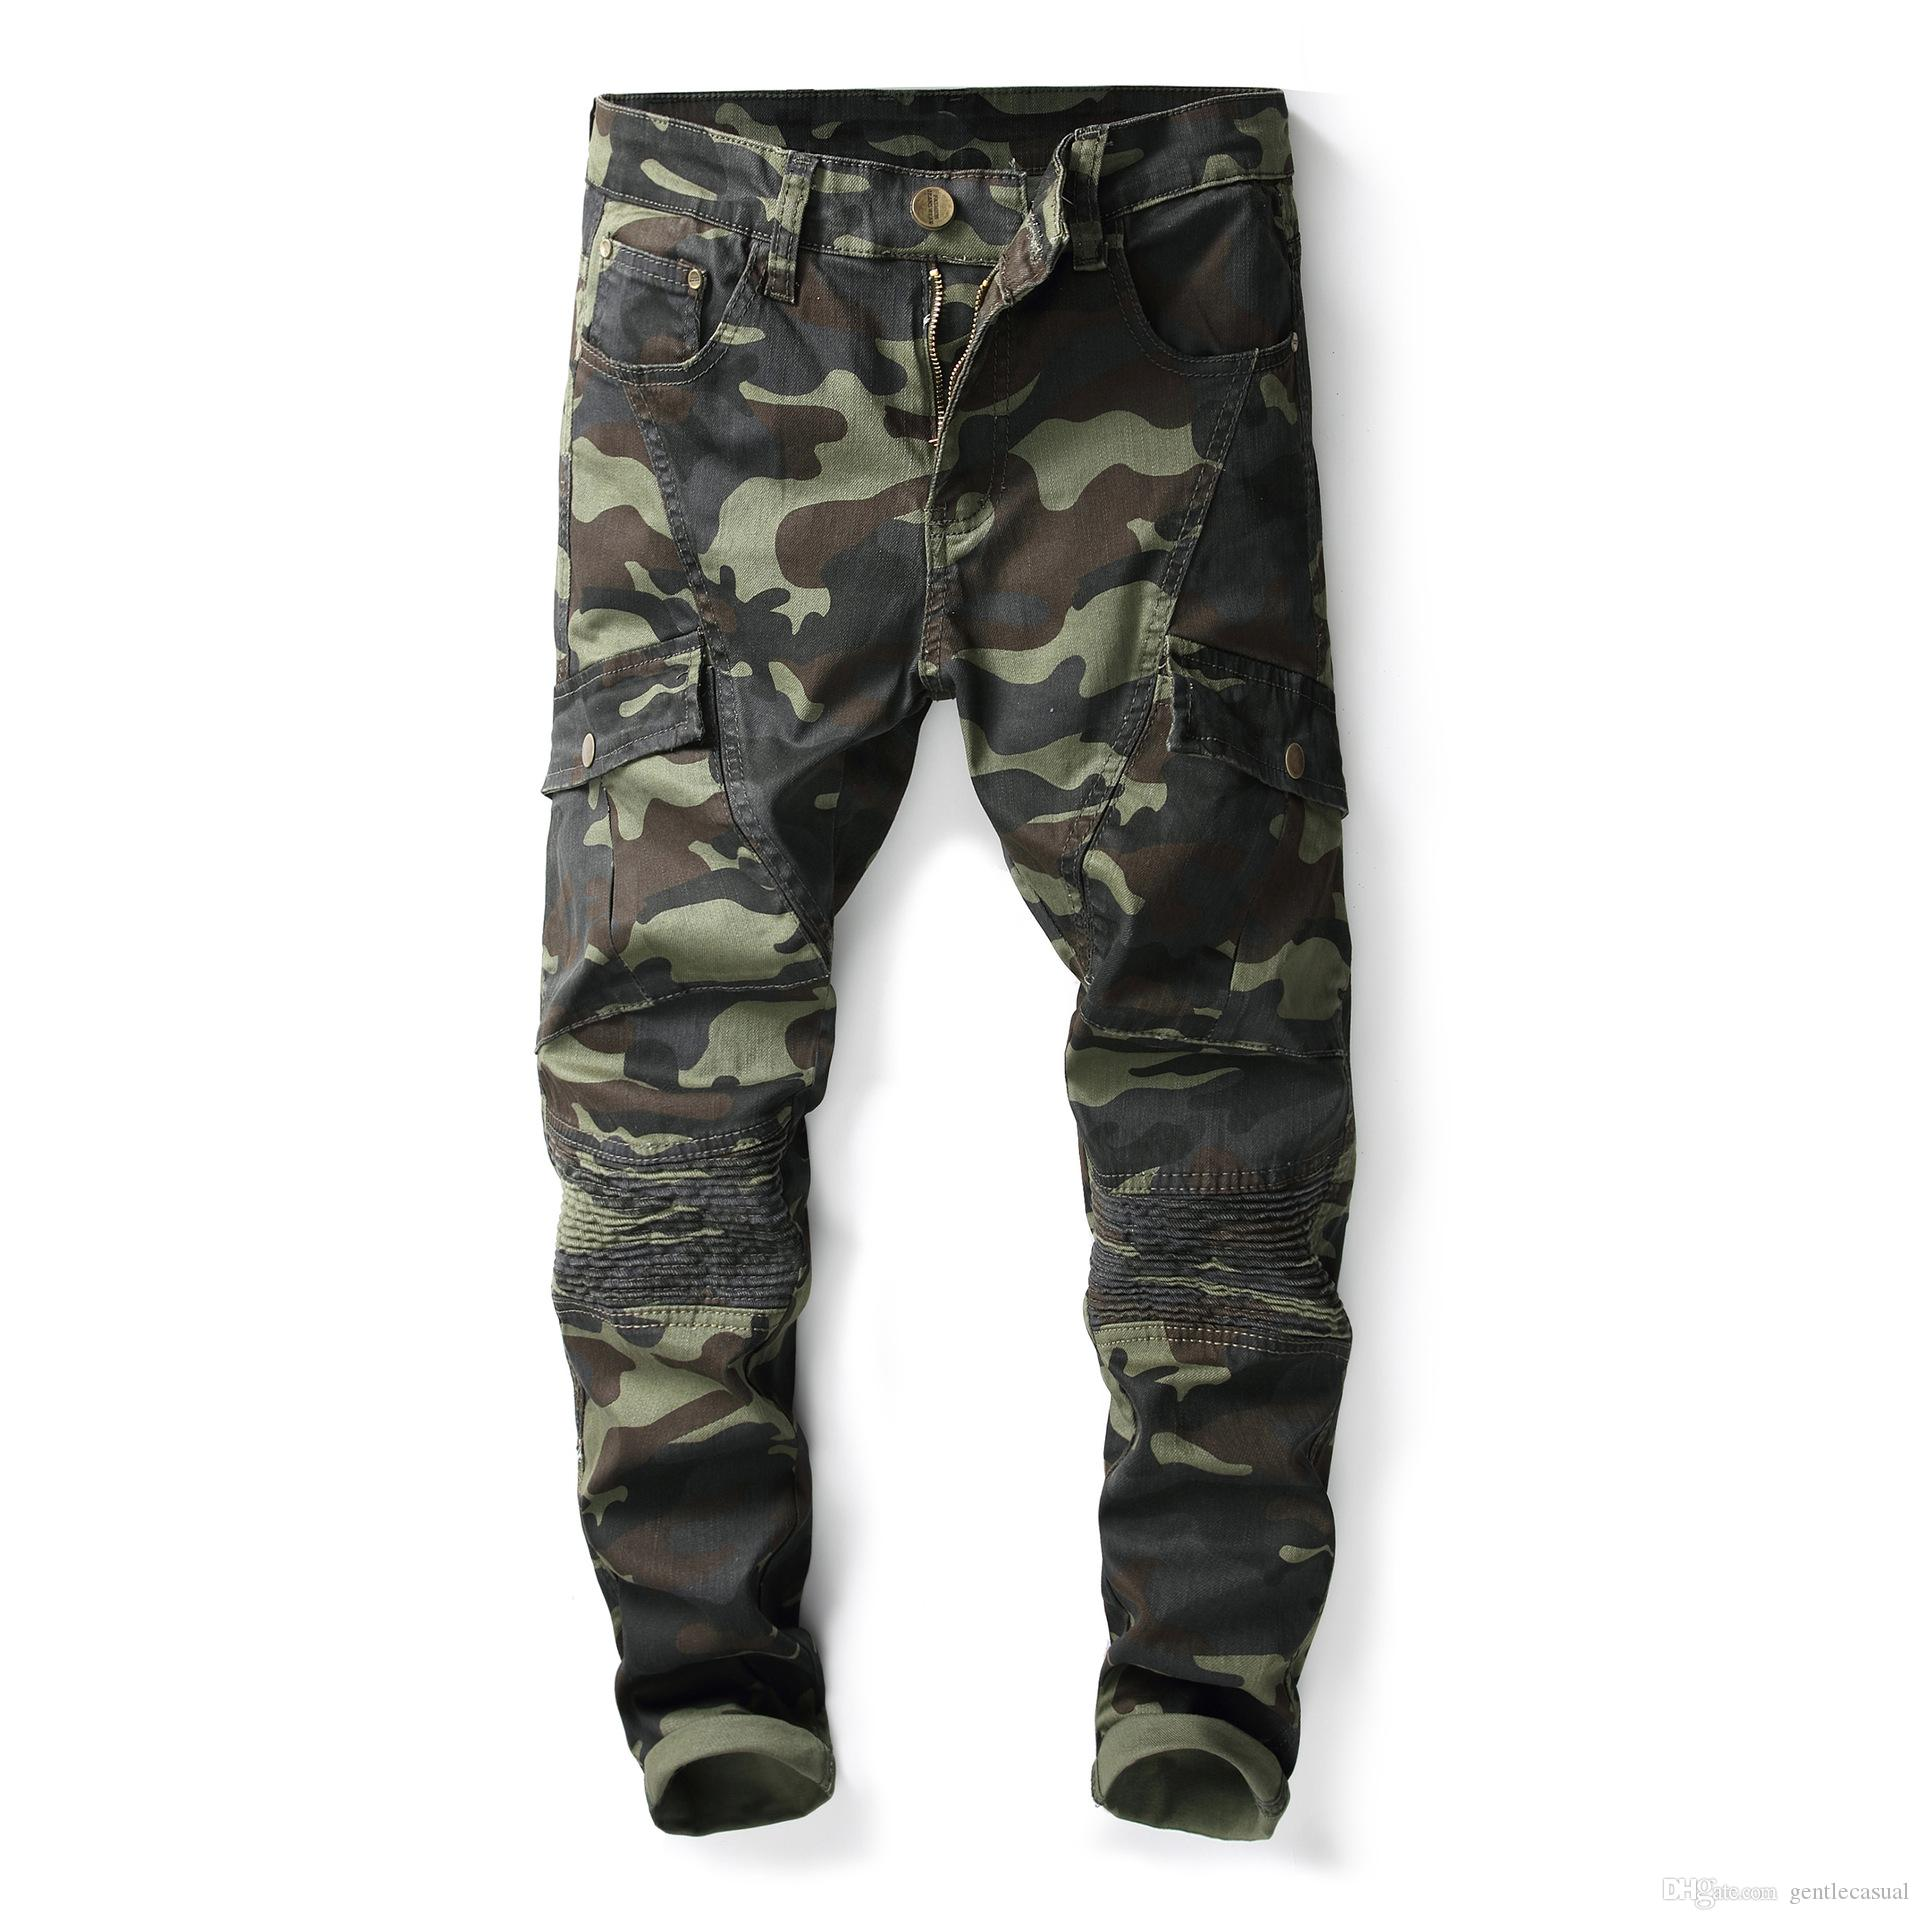 Compre Pantalones Vaqueros De Camuflaje Para Hombre Skinny Slim Fit  Pantalones Estilo Militar Multi Bolsillos Jeans Elásticos Pantalones Para  Niños 29 38 A ... 4fb16a9b981